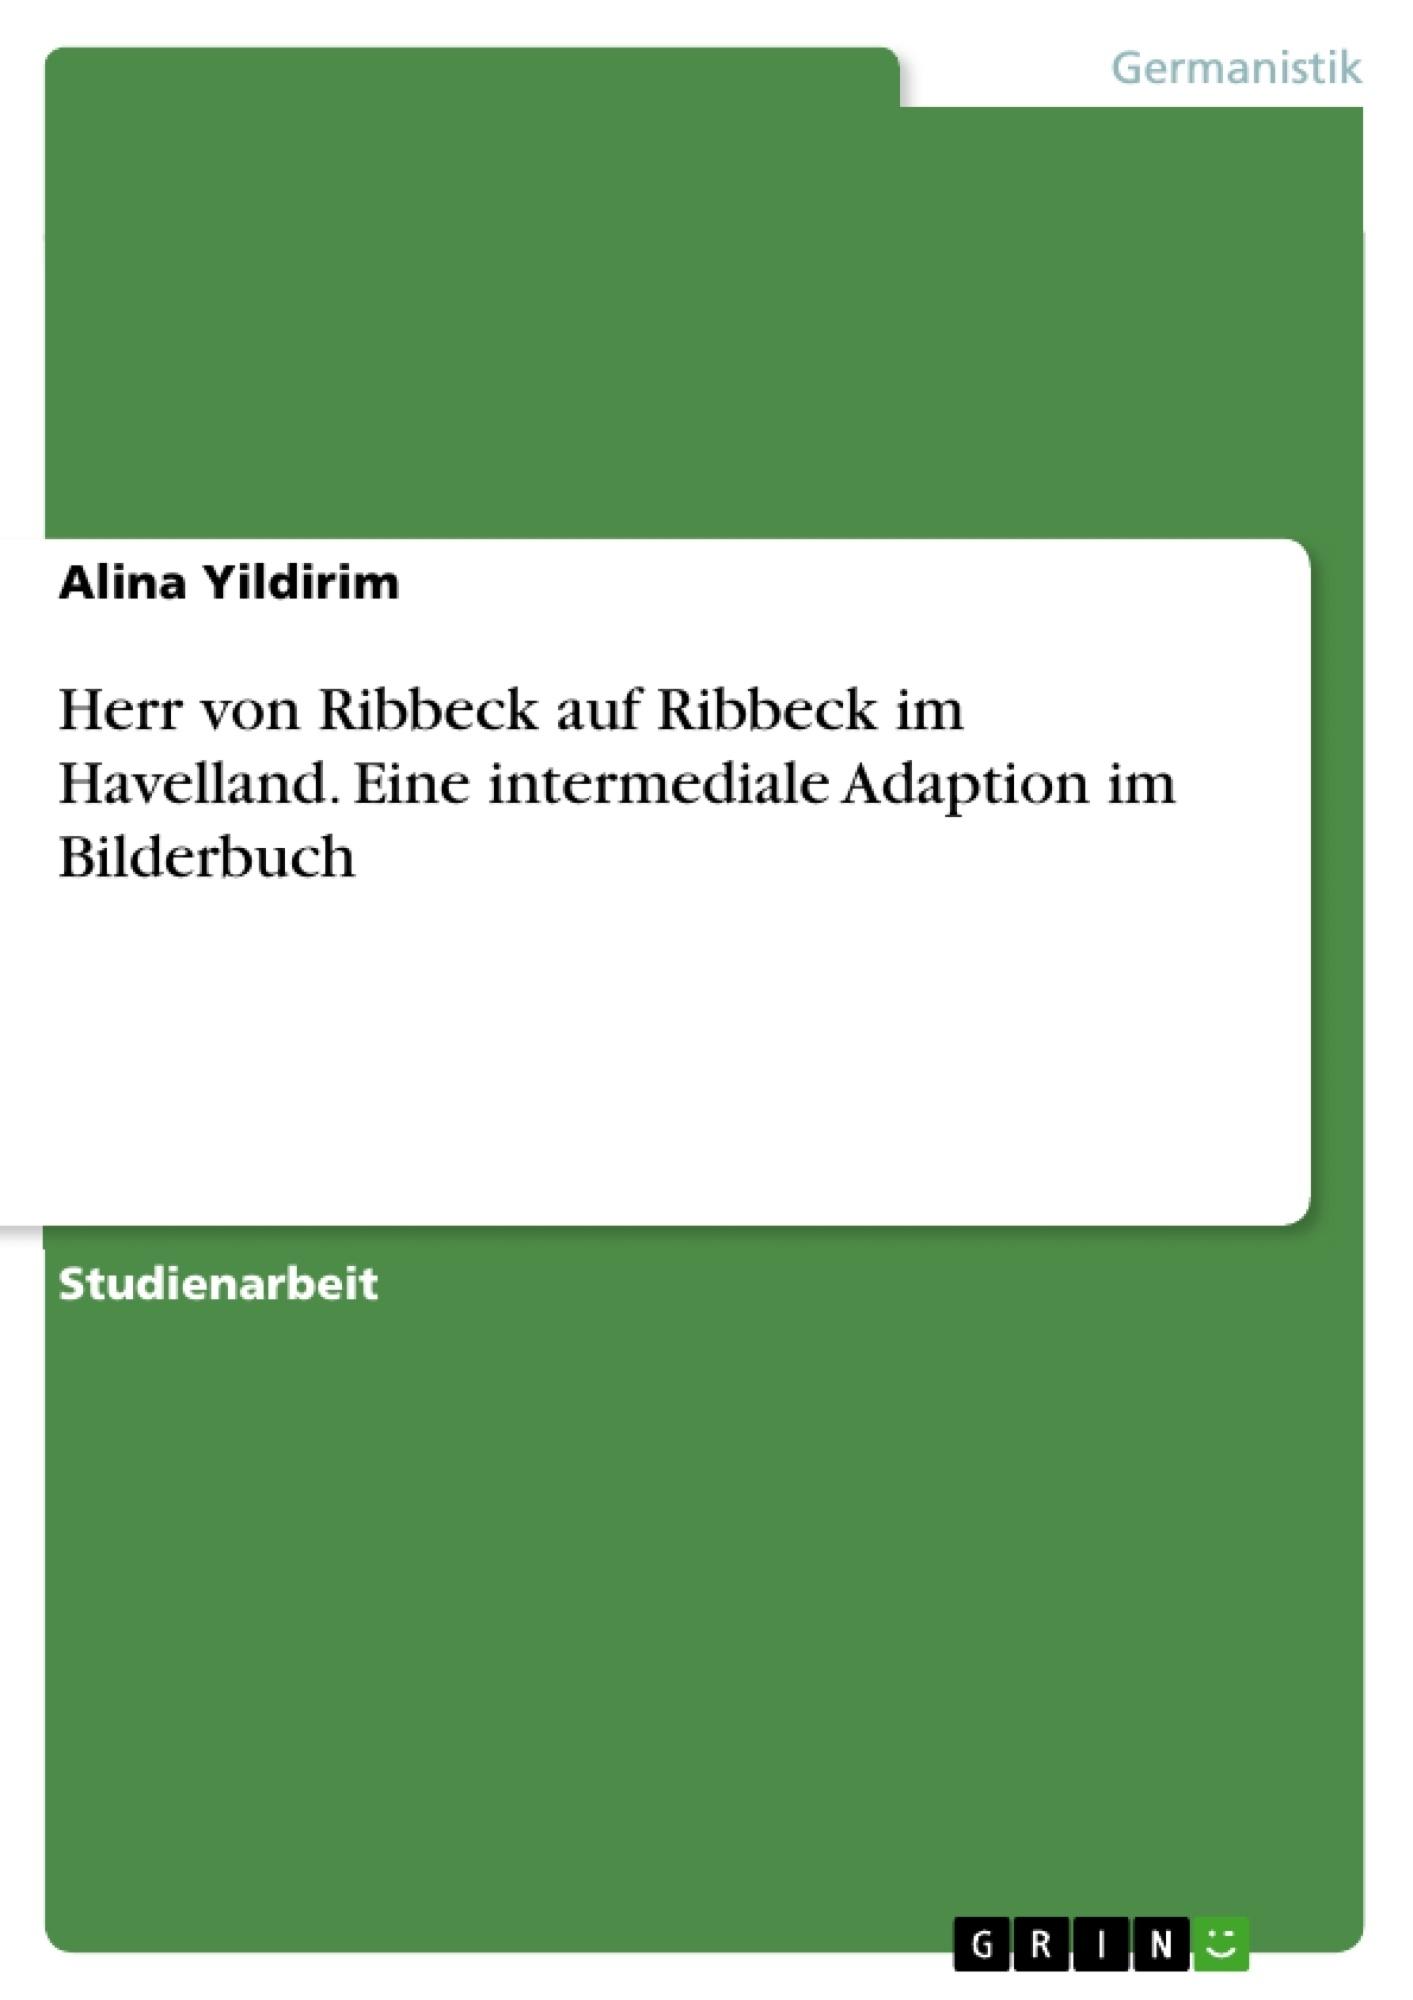 Titel: Herr von Ribbeck auf Ribbeck im Havelland. Eine intermediale Adaption im Bilderbuch